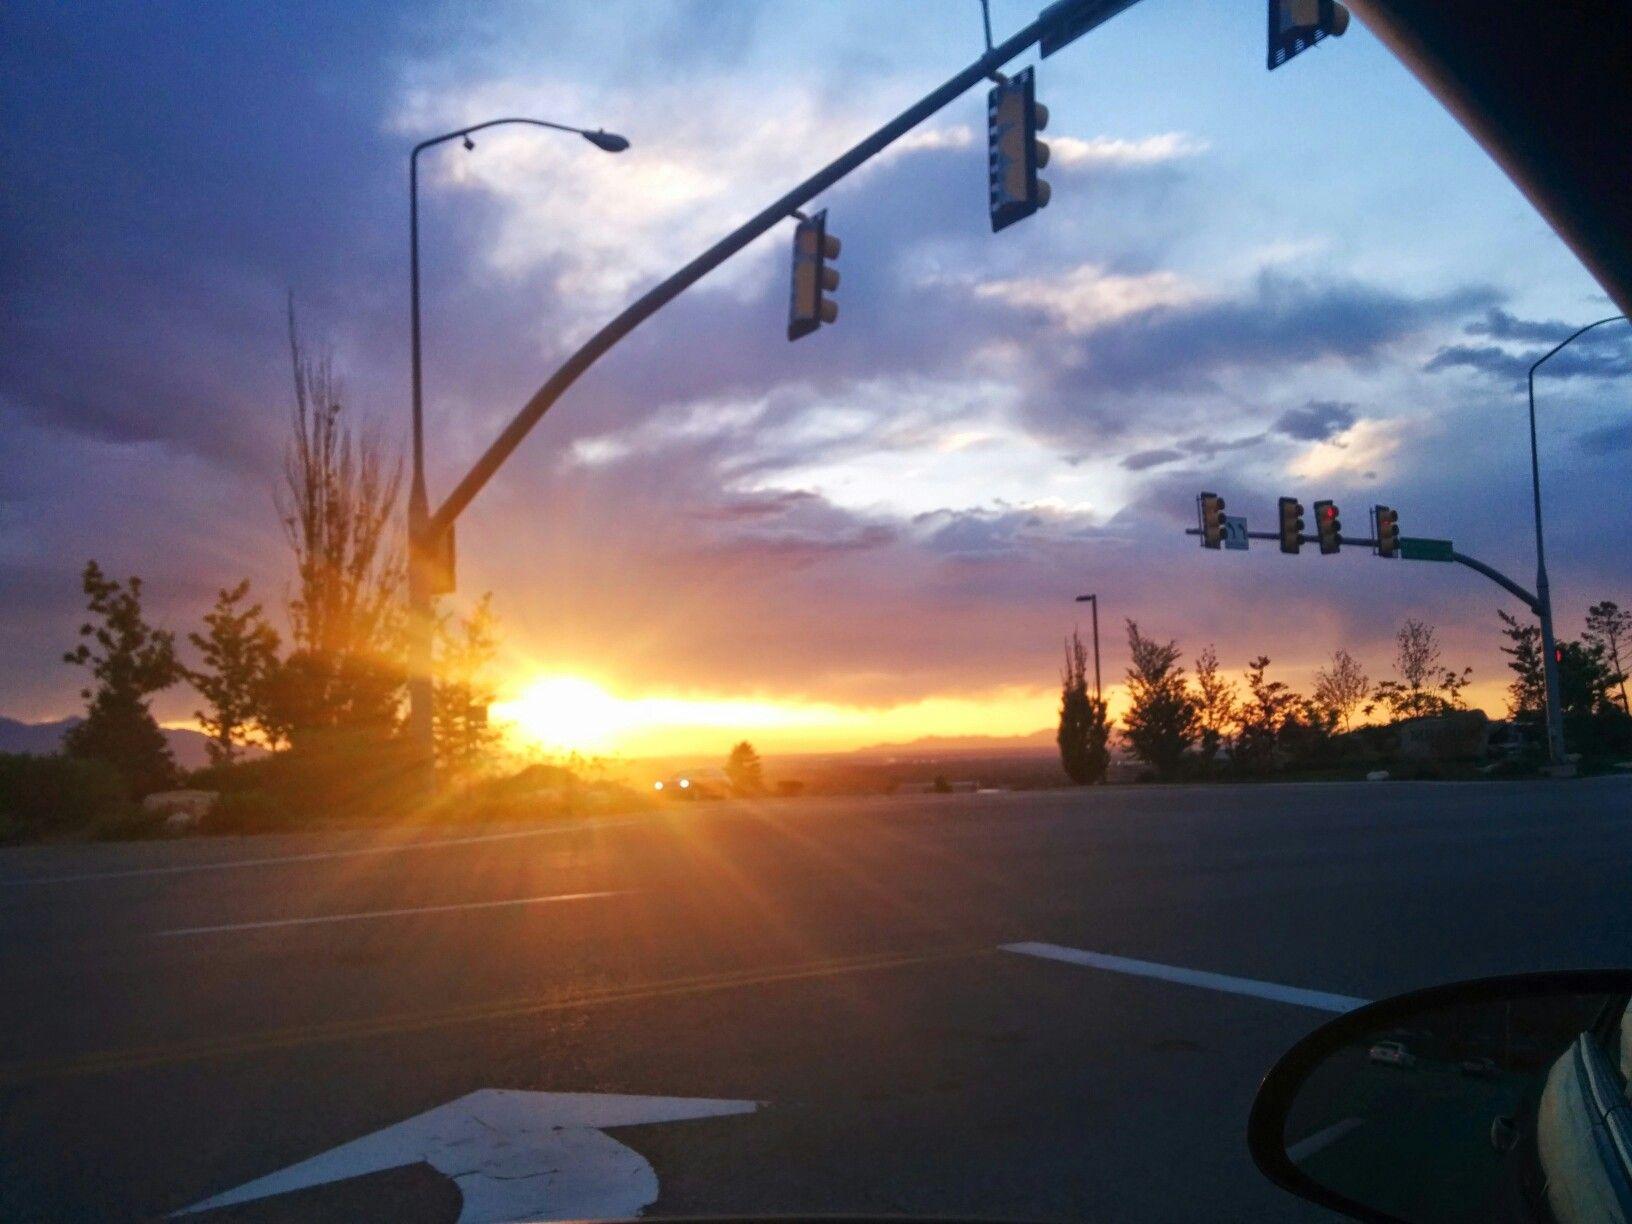 That sunrise tho